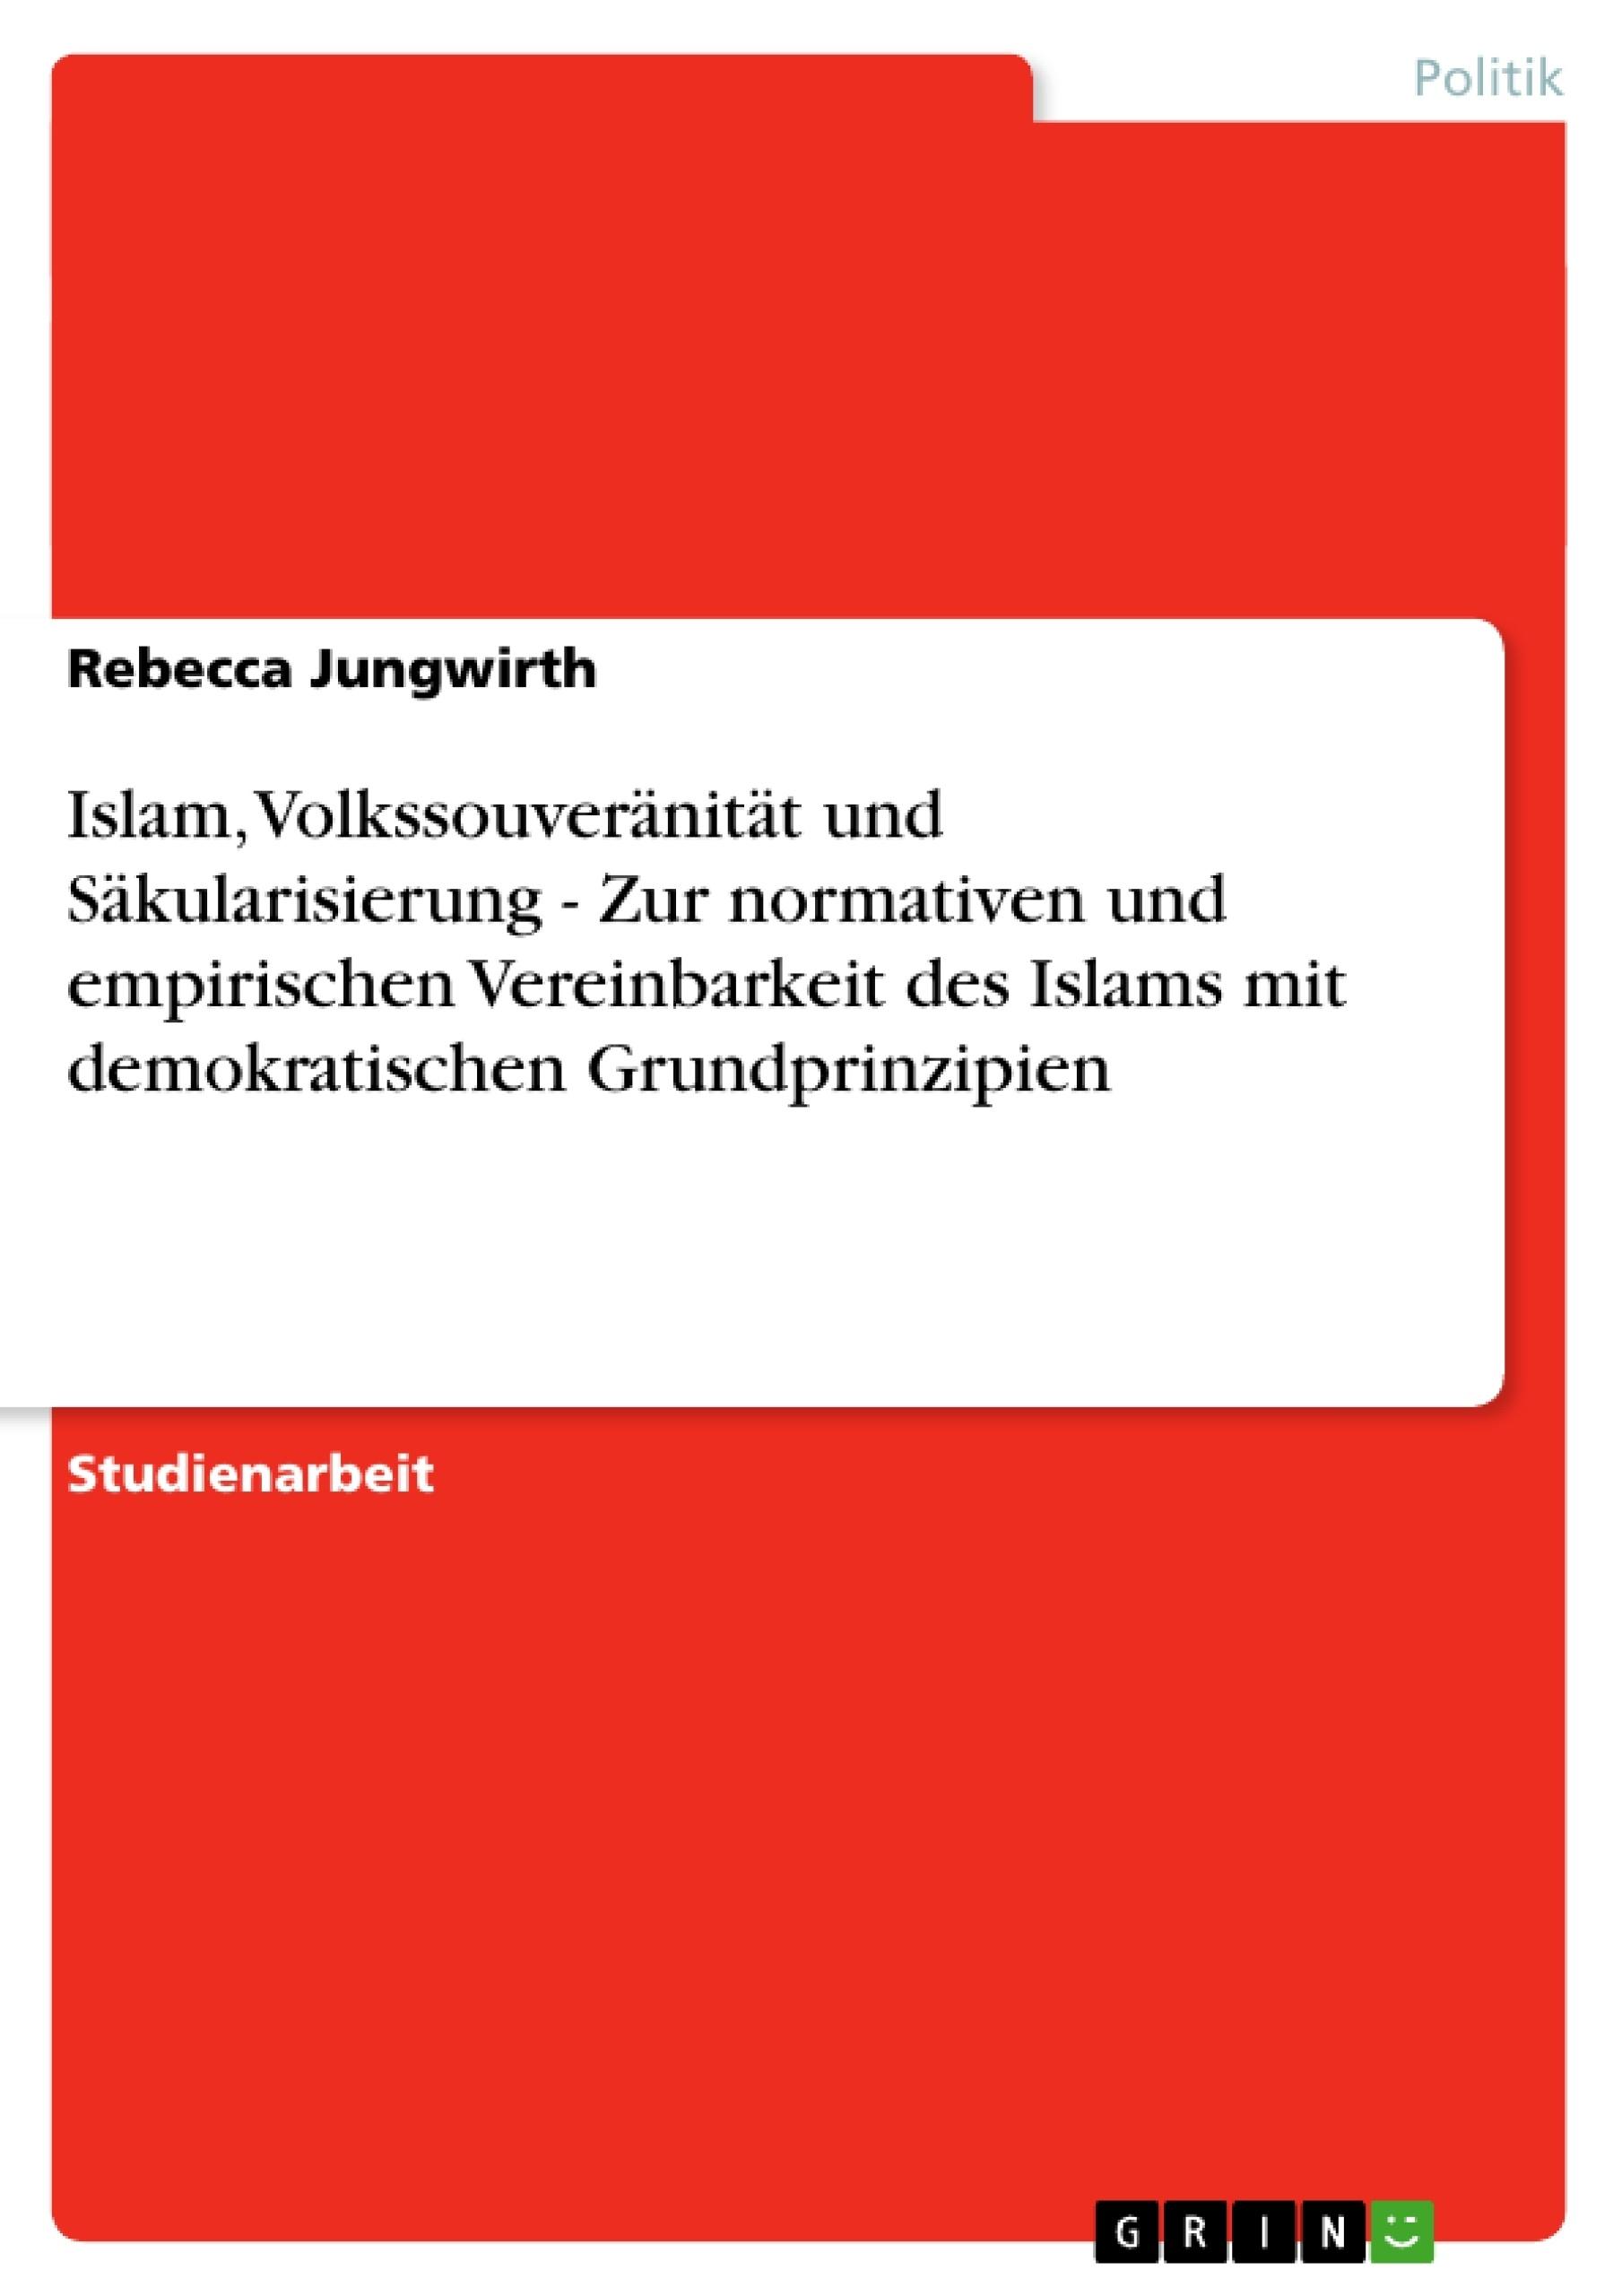 Titel: Islam, Volkssouveränität und Säkularisierung - Zur normativen und empirischen Vereinbarkeit des Islams mit demokratischen Grundprinzipien